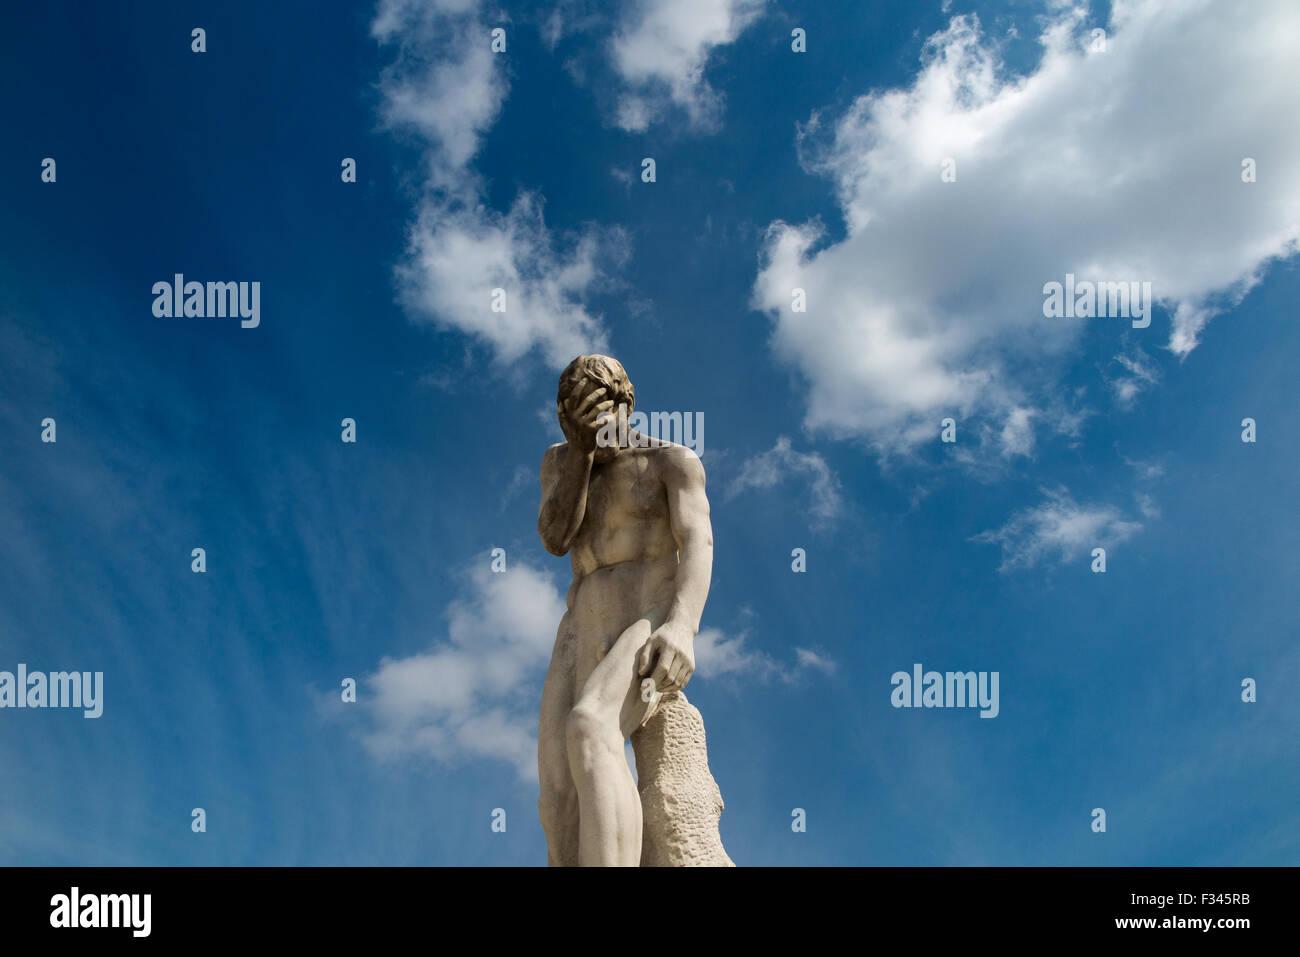 Estatua en el Jardin des Tuileries, Paris, Francia Imagen De Stock